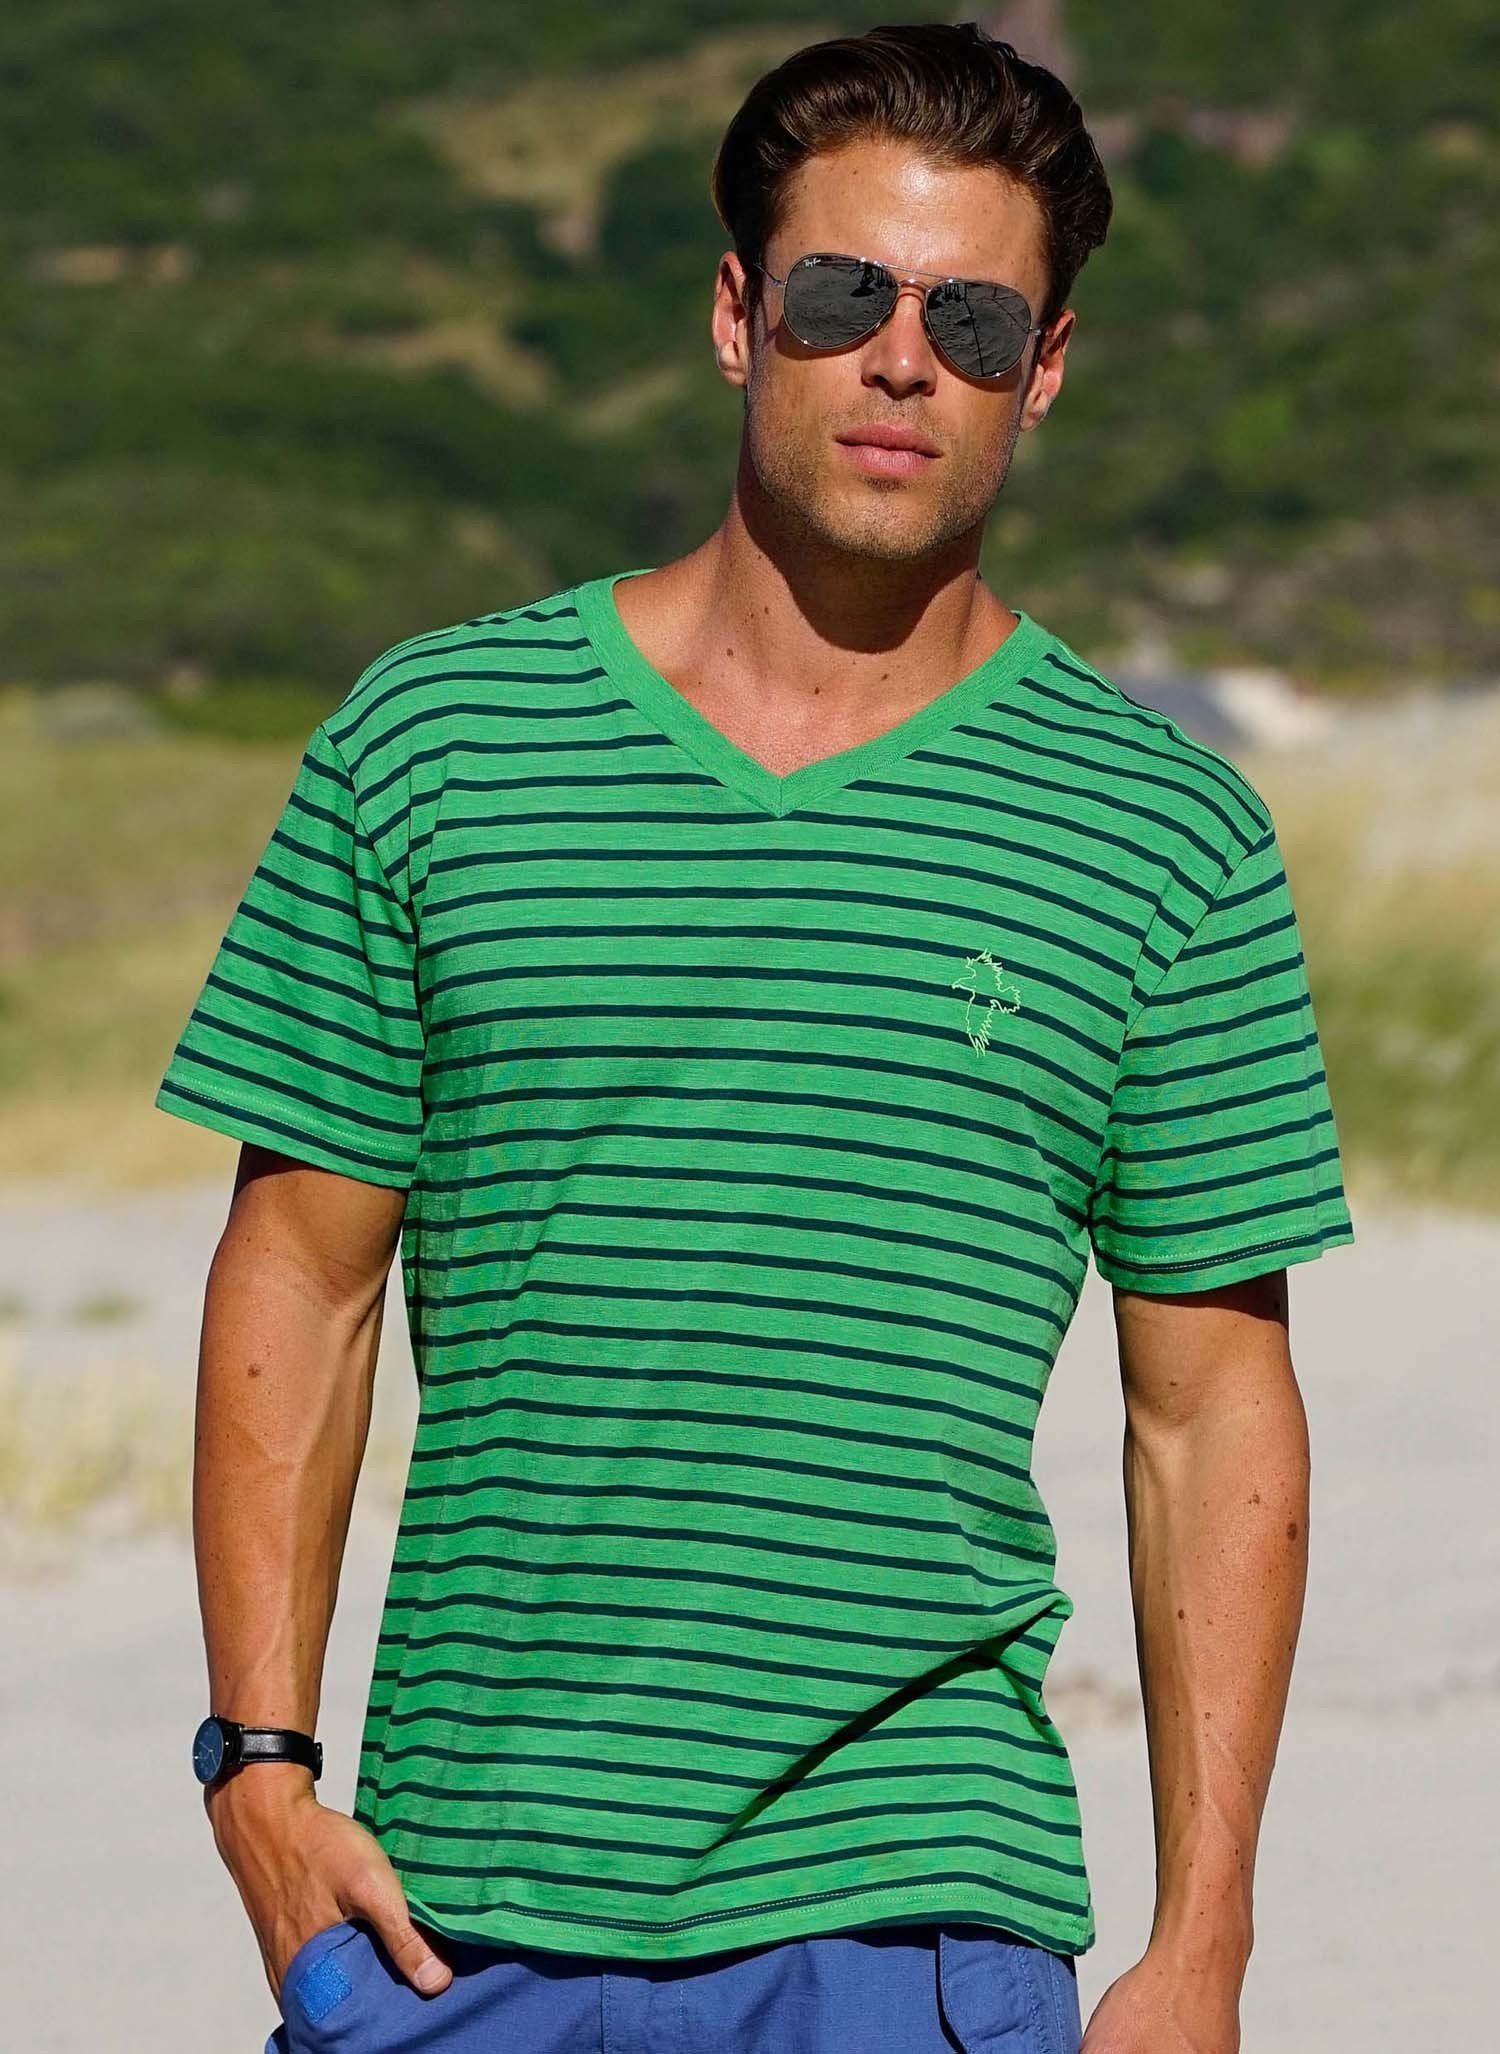 H-KA-Shirt,V-Auss grün/marine L 059 - 2 - Ronja.ch